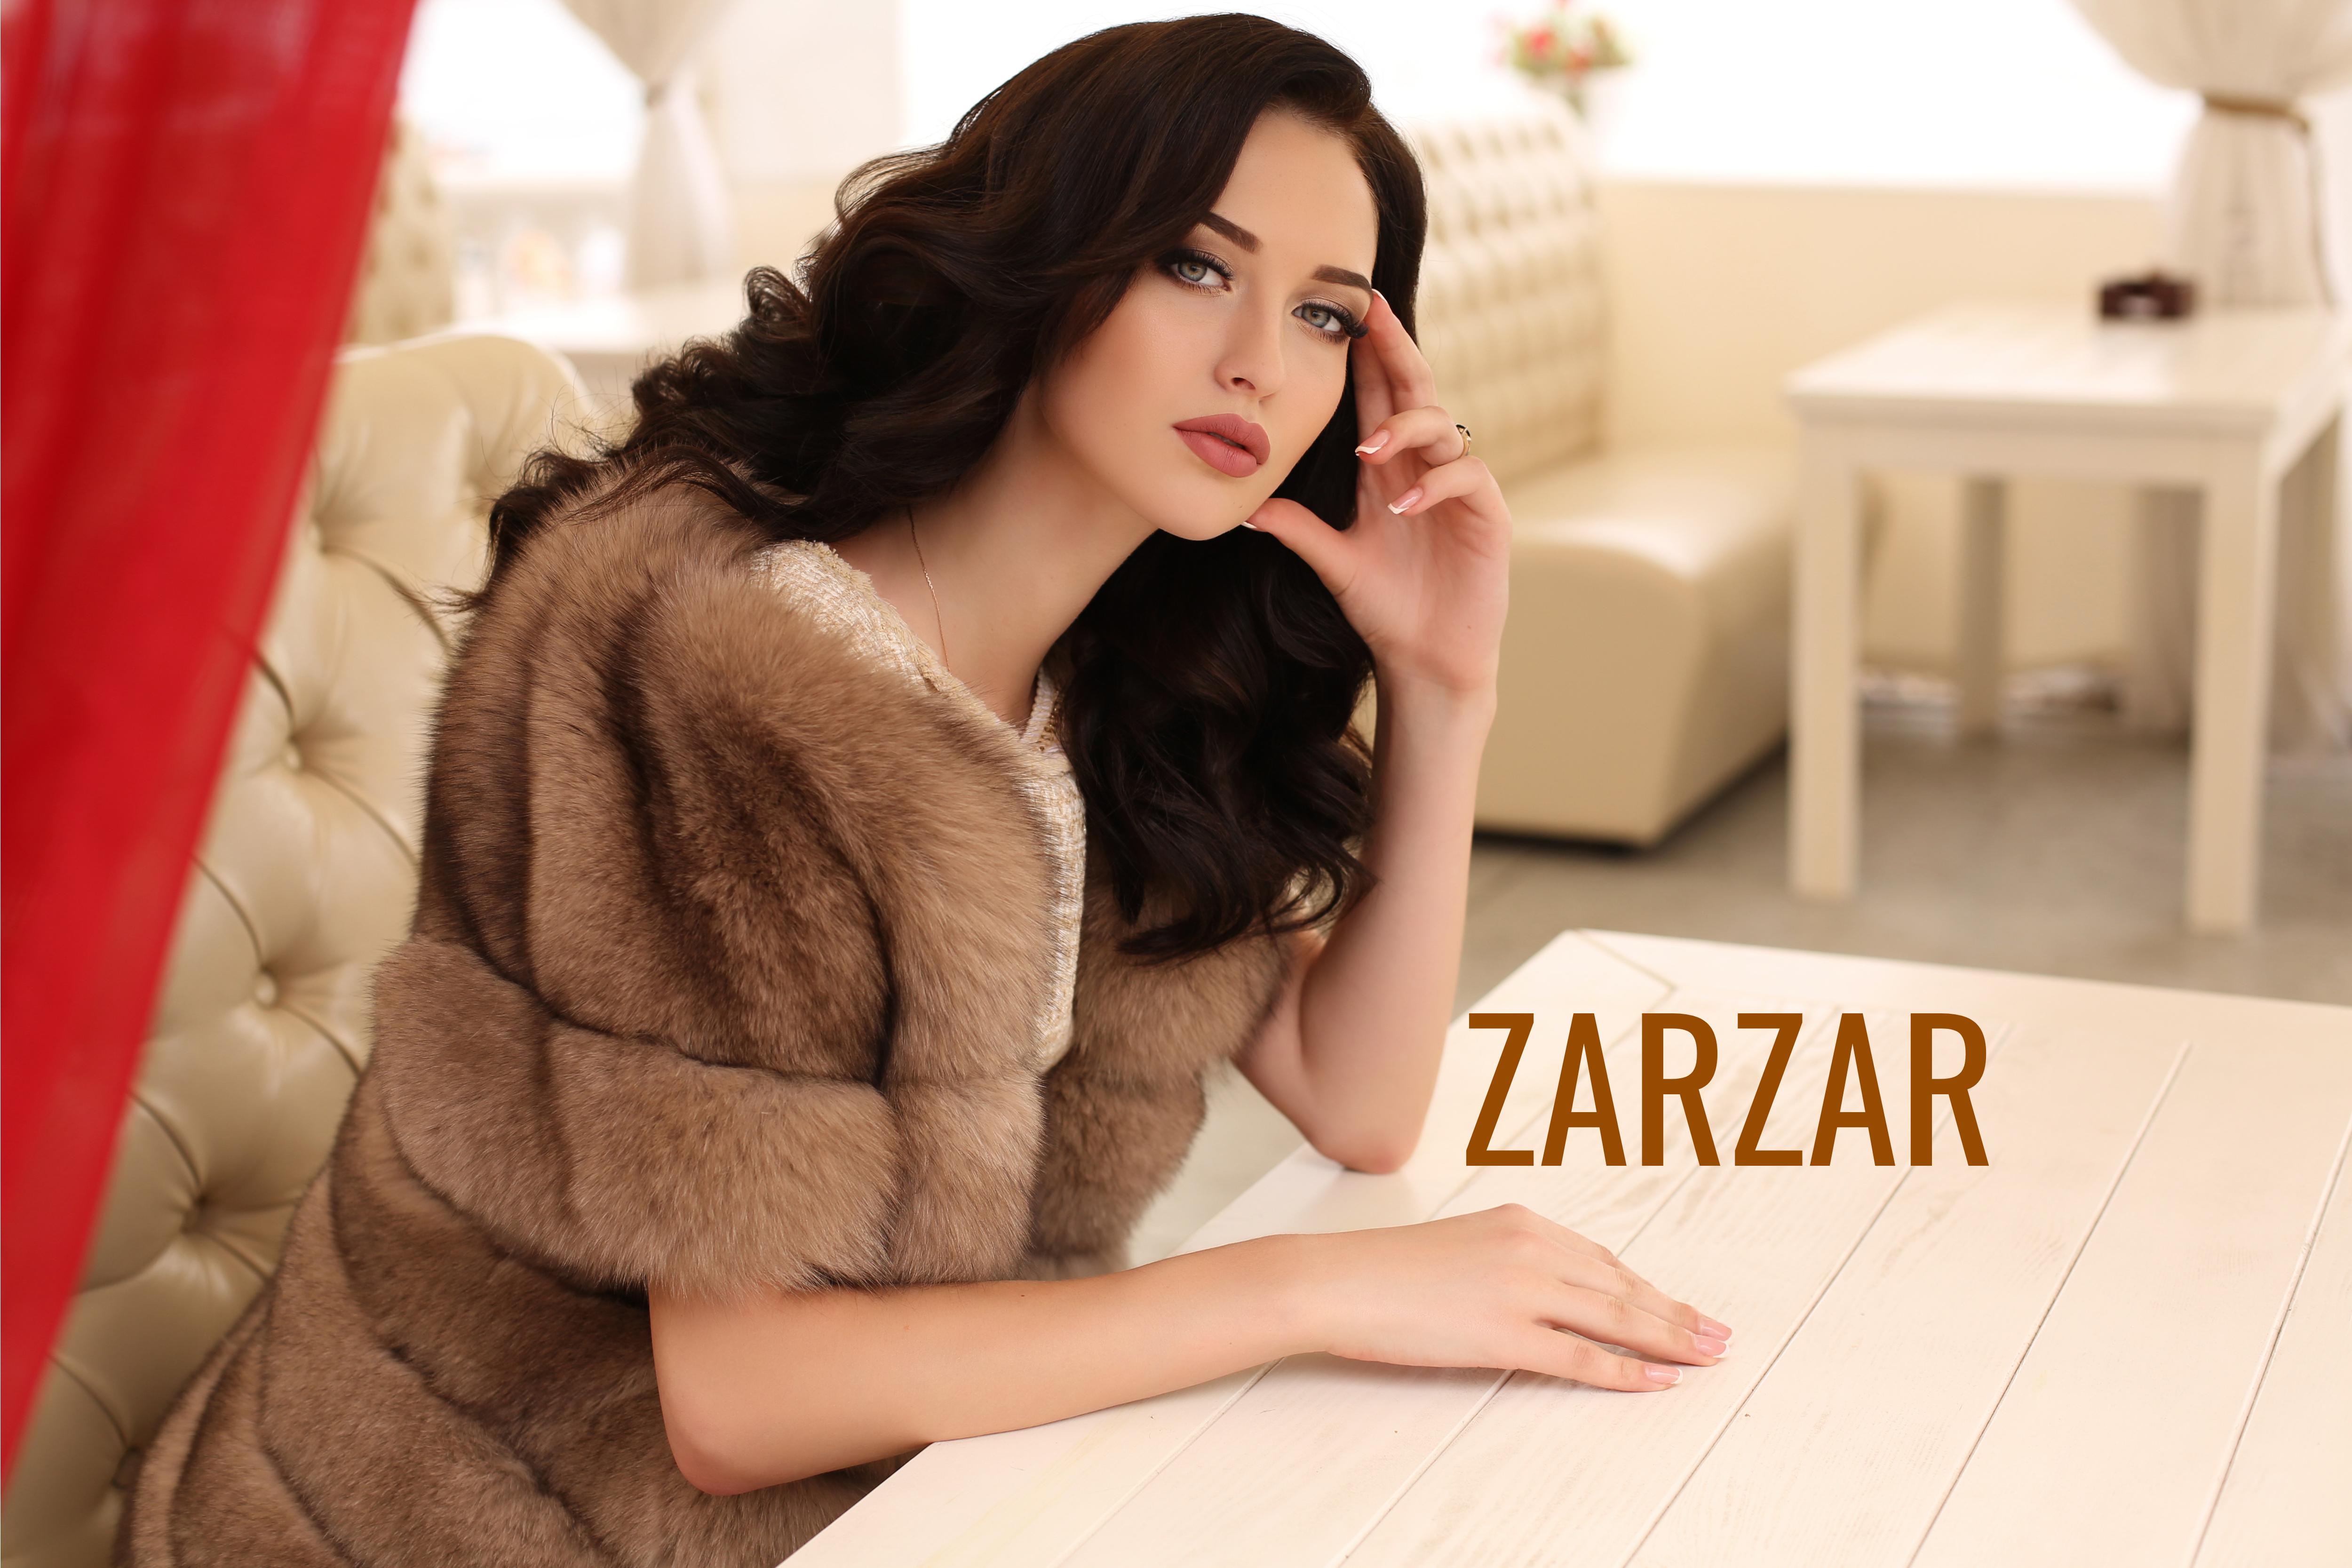 ZARZAR FASHION Sexy Coats For Women (Cute Coats For Girls). Beautiful Fashion Models Modeling In Beautiful Coats For Beautiful Fashion Advertisements (Sexy Fashion Ads).